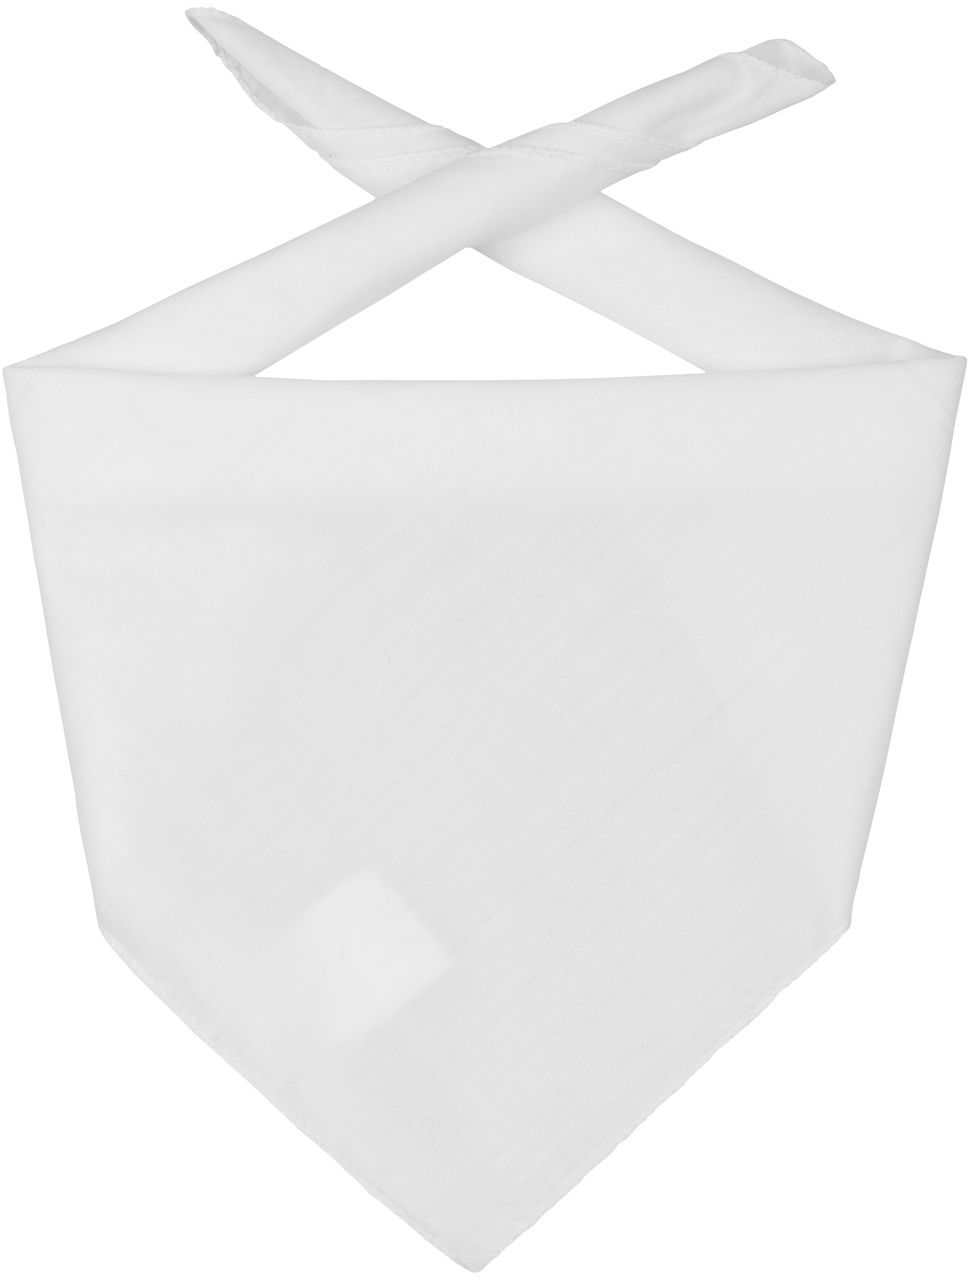 Bandana Wielofunkcyjna Uni, biały, One Size